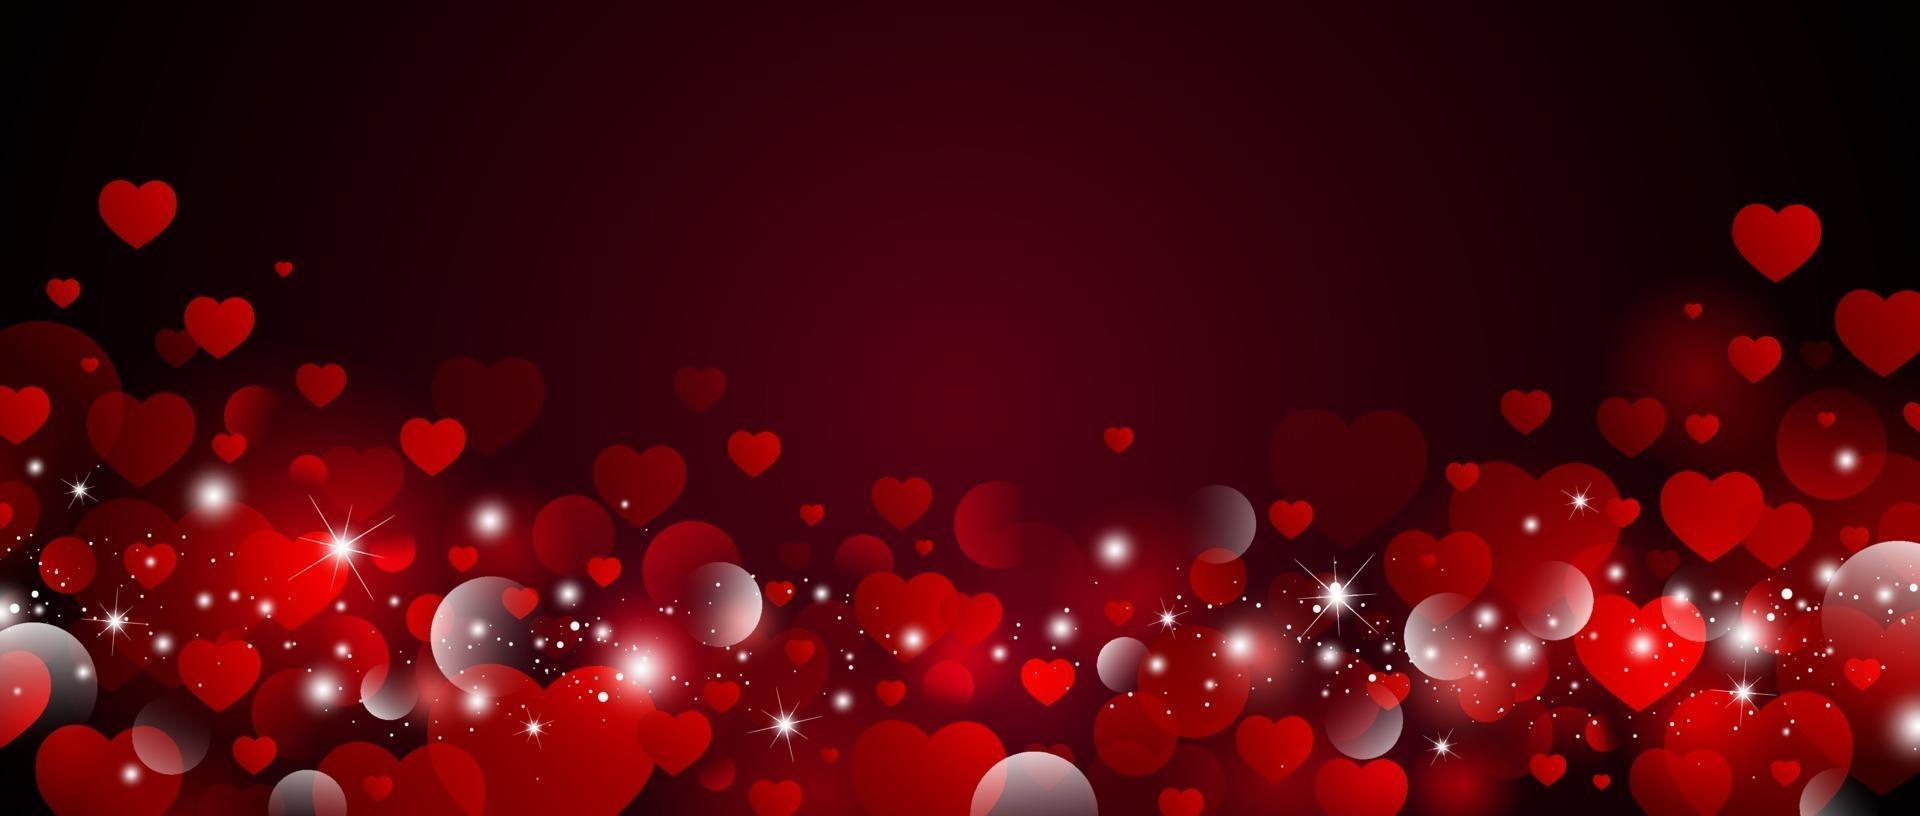 Diseño de fondo del día de San Valentín de corazones rojos con ilustración de vector de luz bokeh